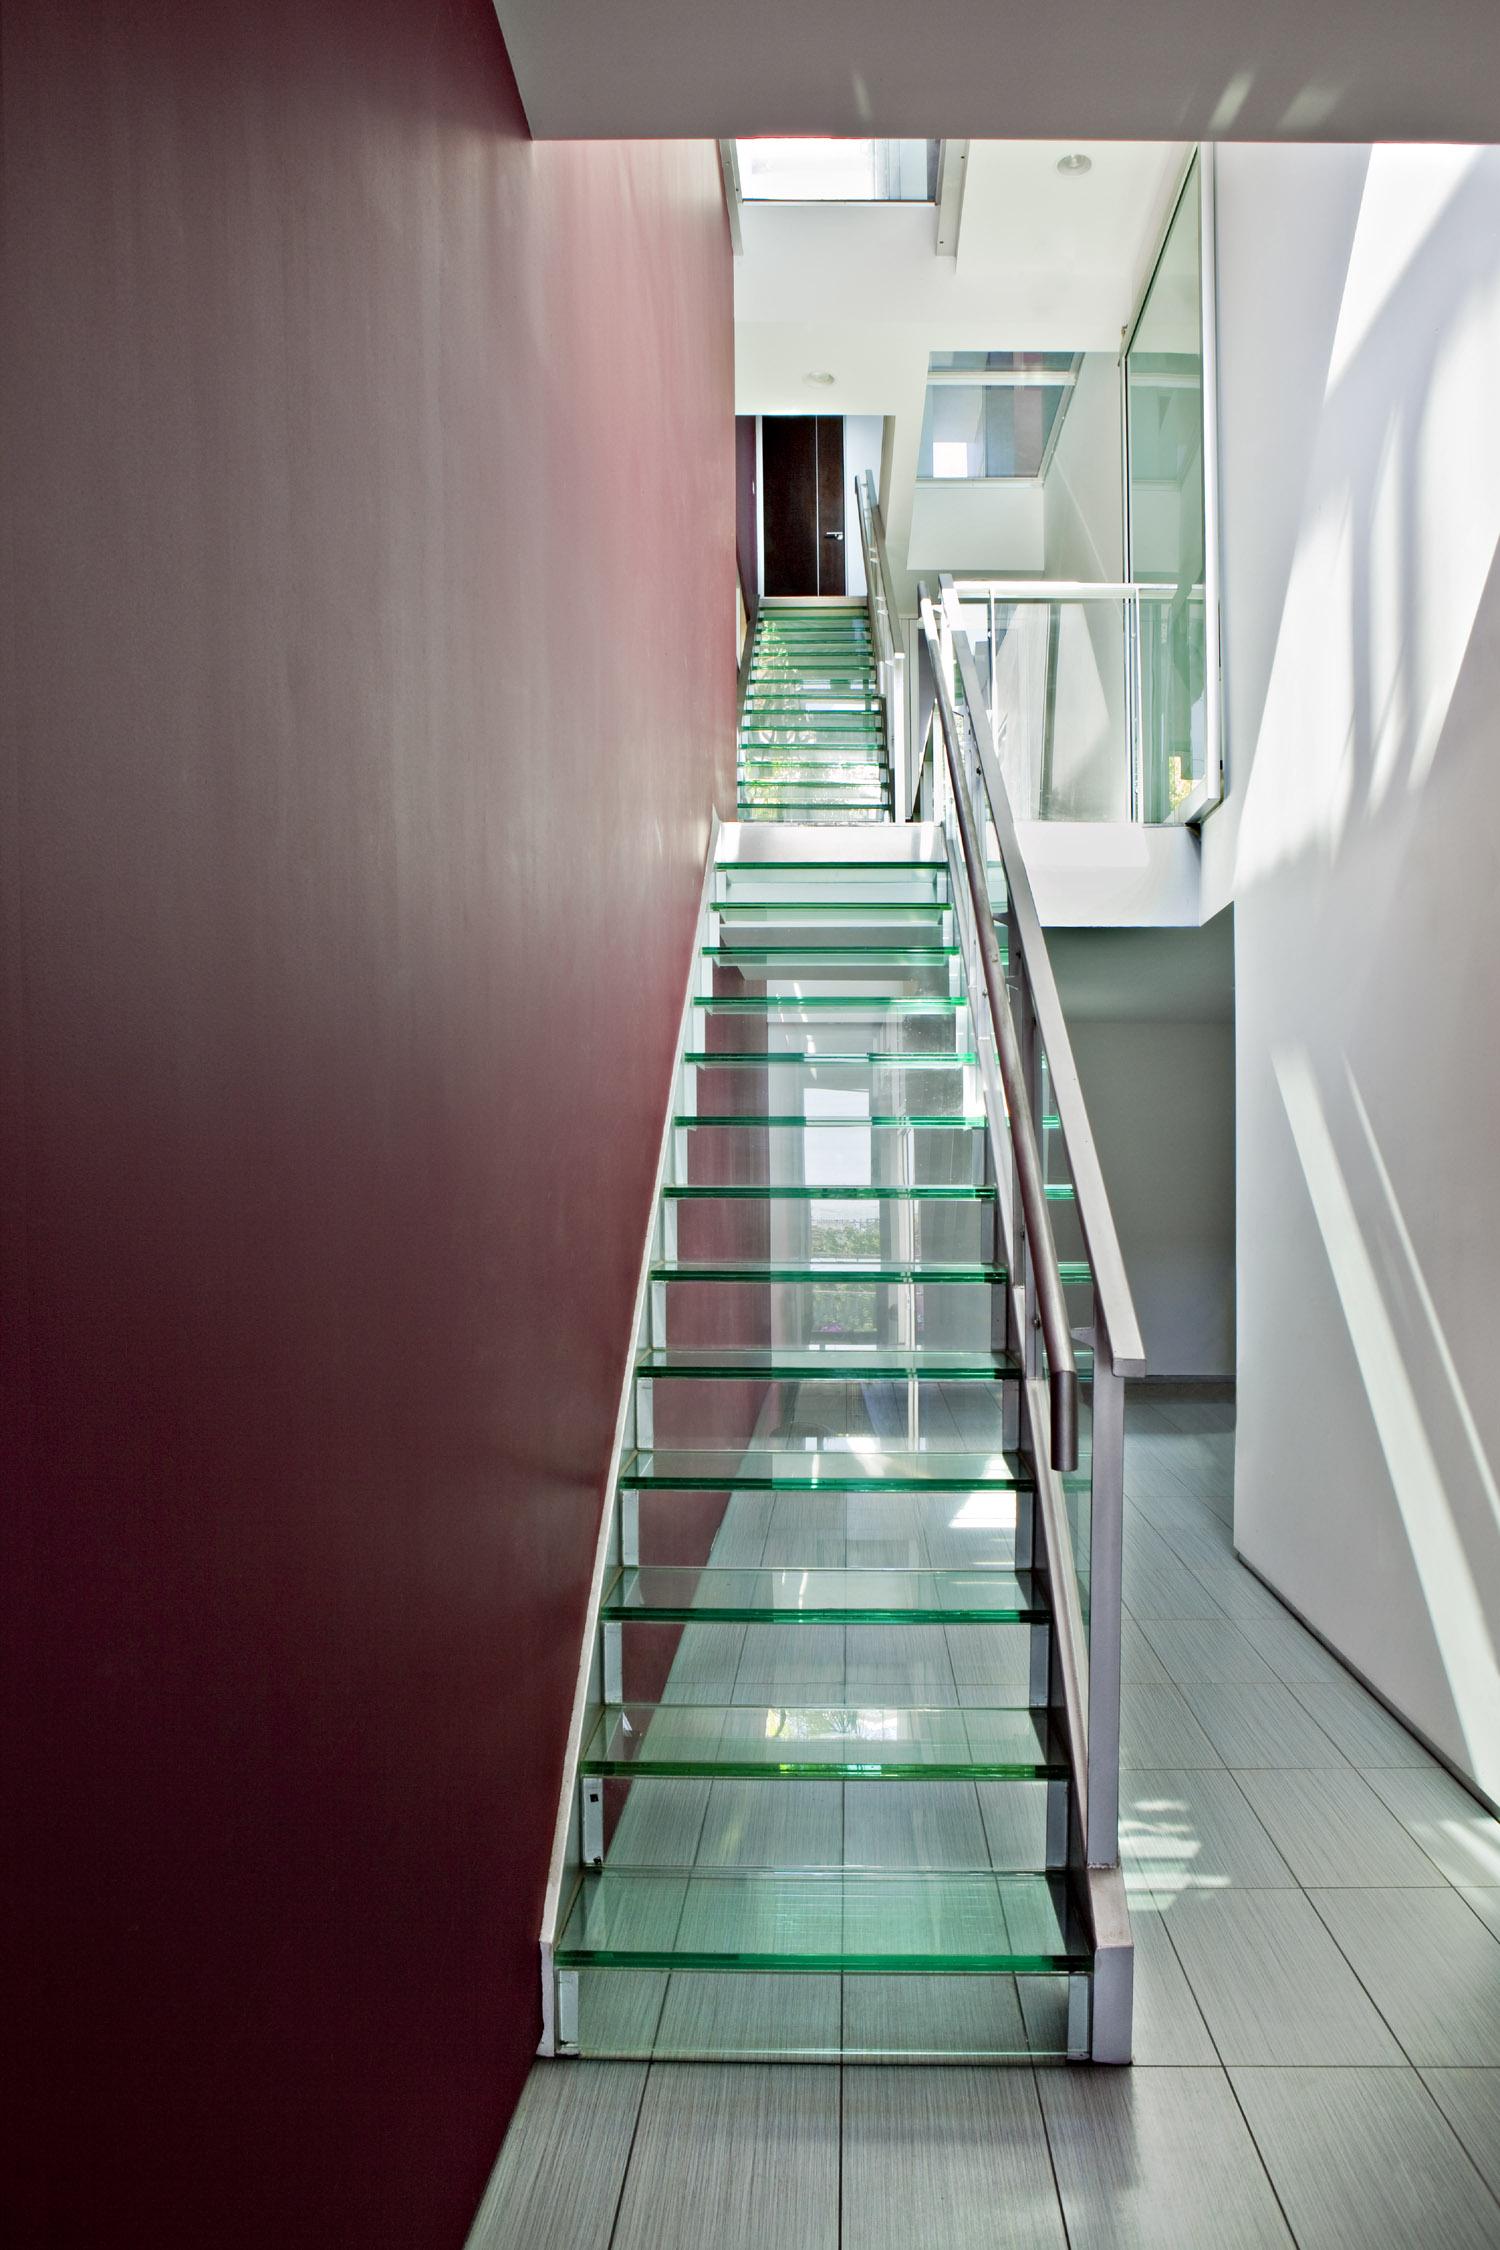 DieserResidence_Stairs.jpg